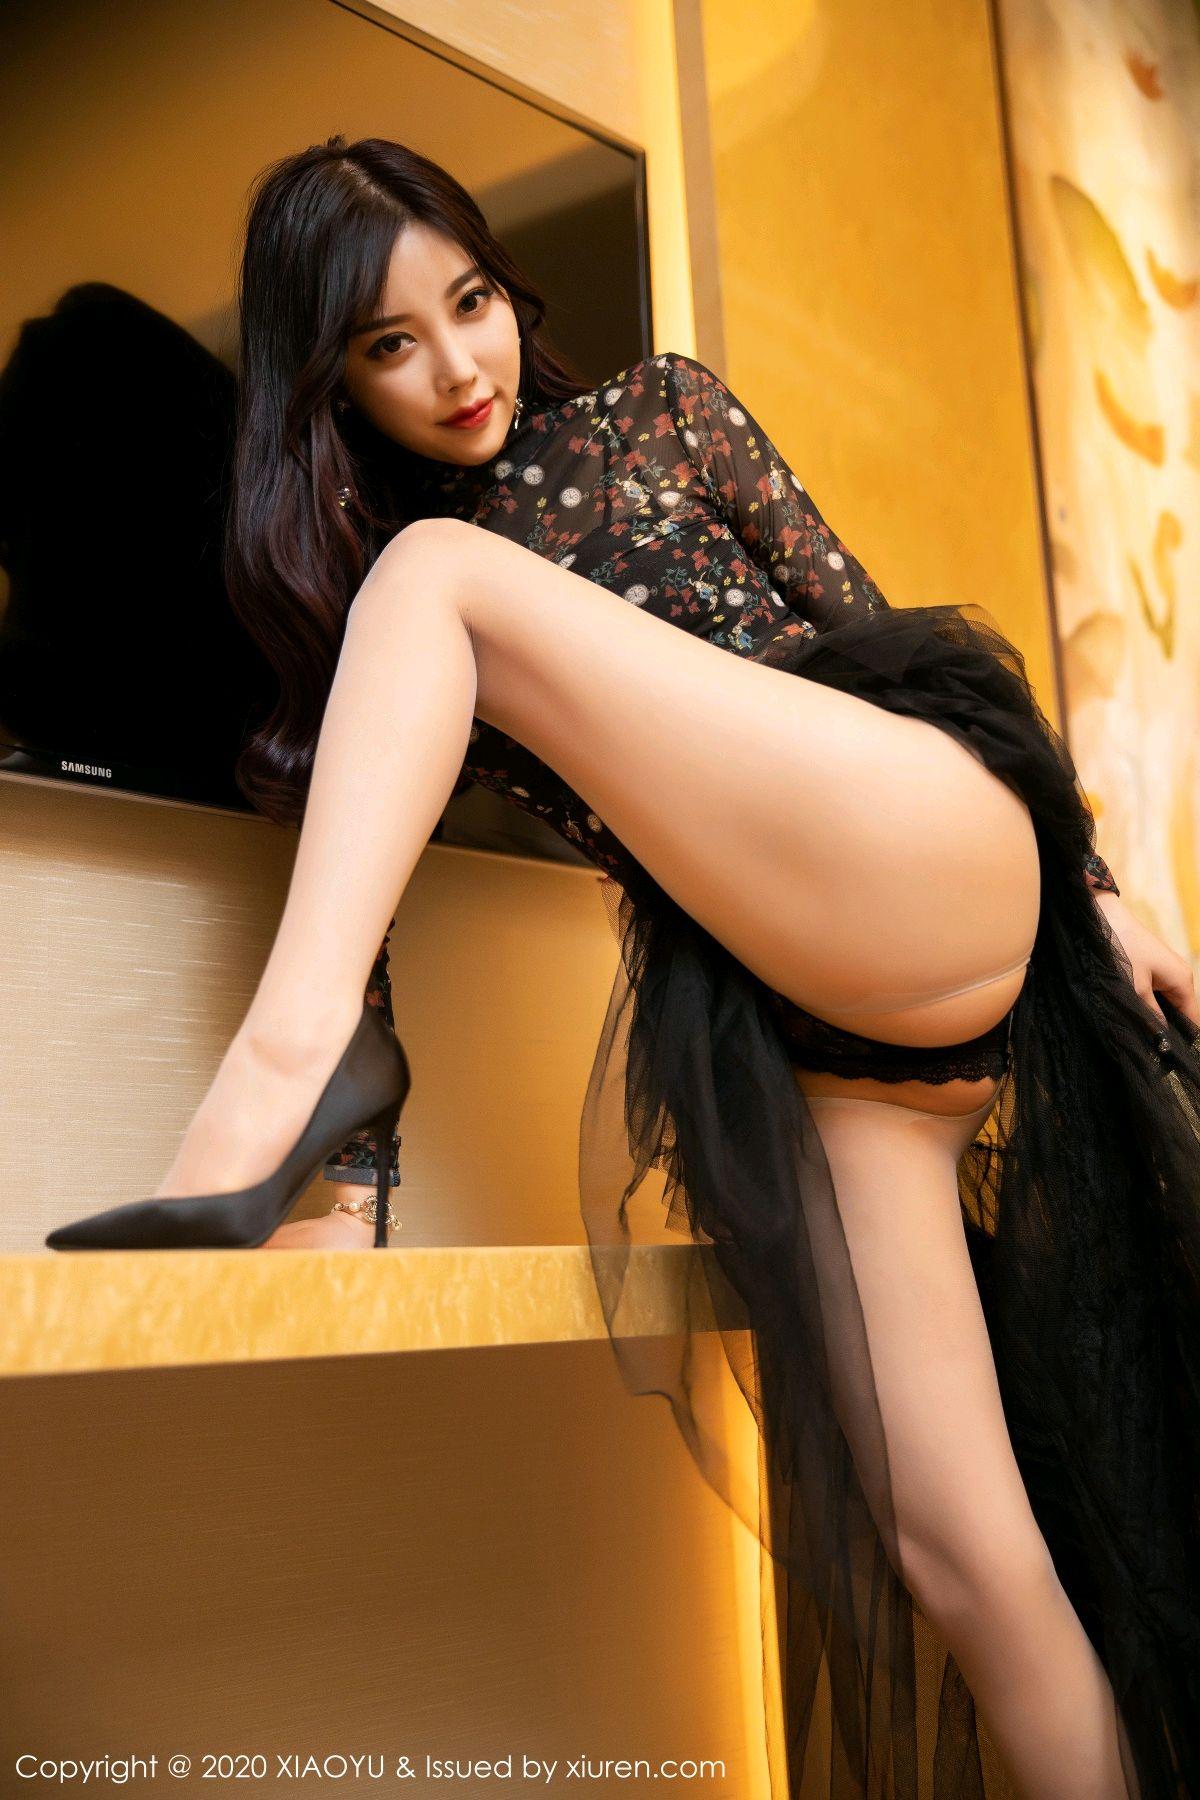 [XiaoYu] Vol.289 Yang Chen Chen 13P, Underwear, XiaoYu, Yang Chen Chen